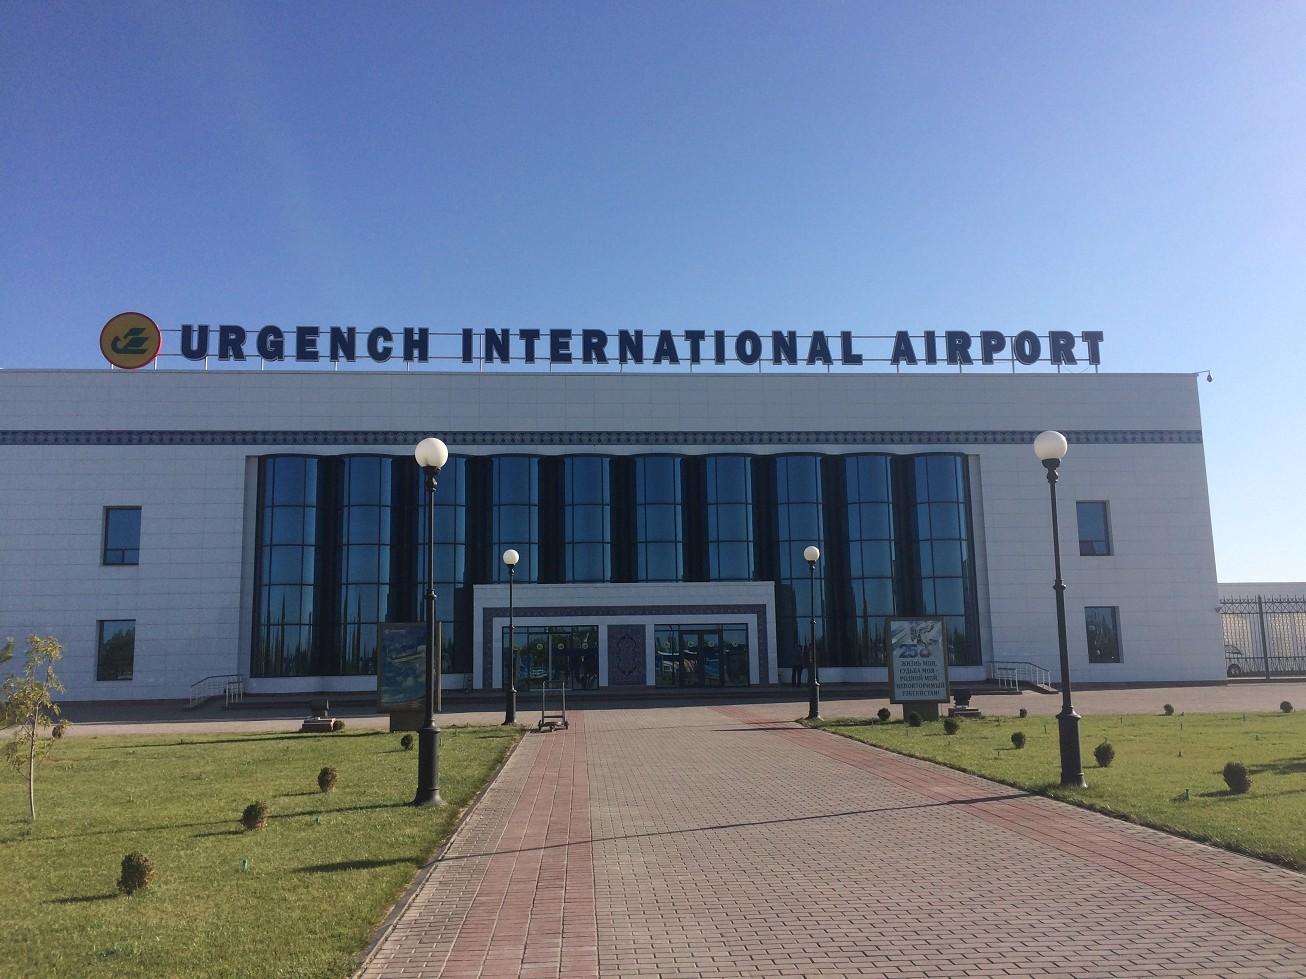 烏爾根奇國際機場外觀